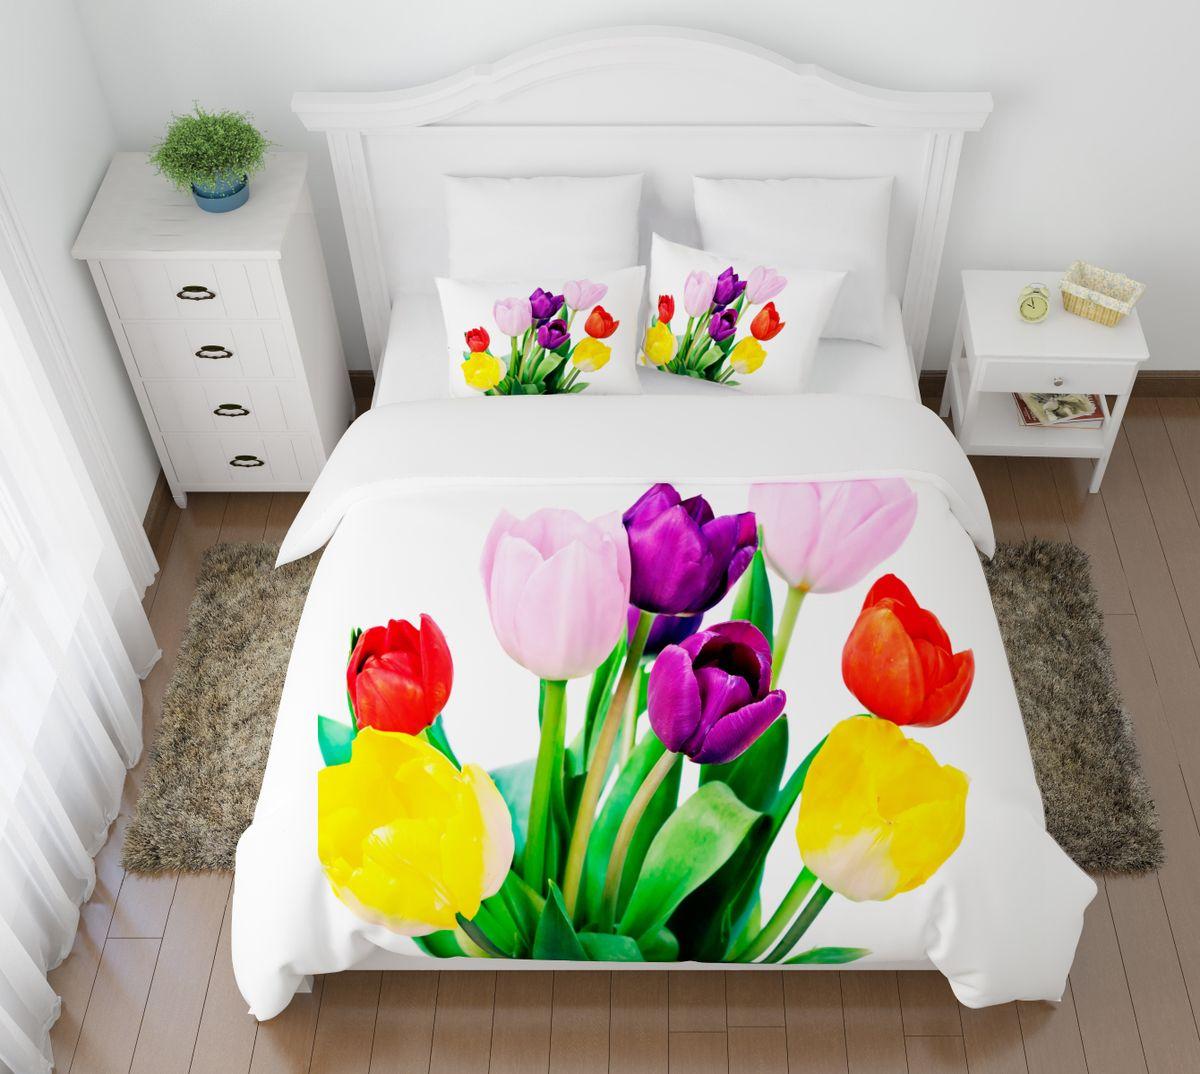 Комплект белья Сирень Весенние цветы, 1,5-спальный, наволочки 50x70Суховей — М 8Комплект постельного белья Сирень состоит из простыни, пододеяльника и 2 наволочек. Комплект выполнен из современных гипоаллергенных материалов. Приятный при прикосновении сатин - гарантия здорового, спокойного сна. Ткань хорошо впитывает влагу, надолго сохраняет яркость красок. Четкий, изящный рисунок в сочетании с насыщенными красками делает комплект постельного белья неповторимой изюминкой любого интерьера. Постельное белье идеально подойдет для подарка.